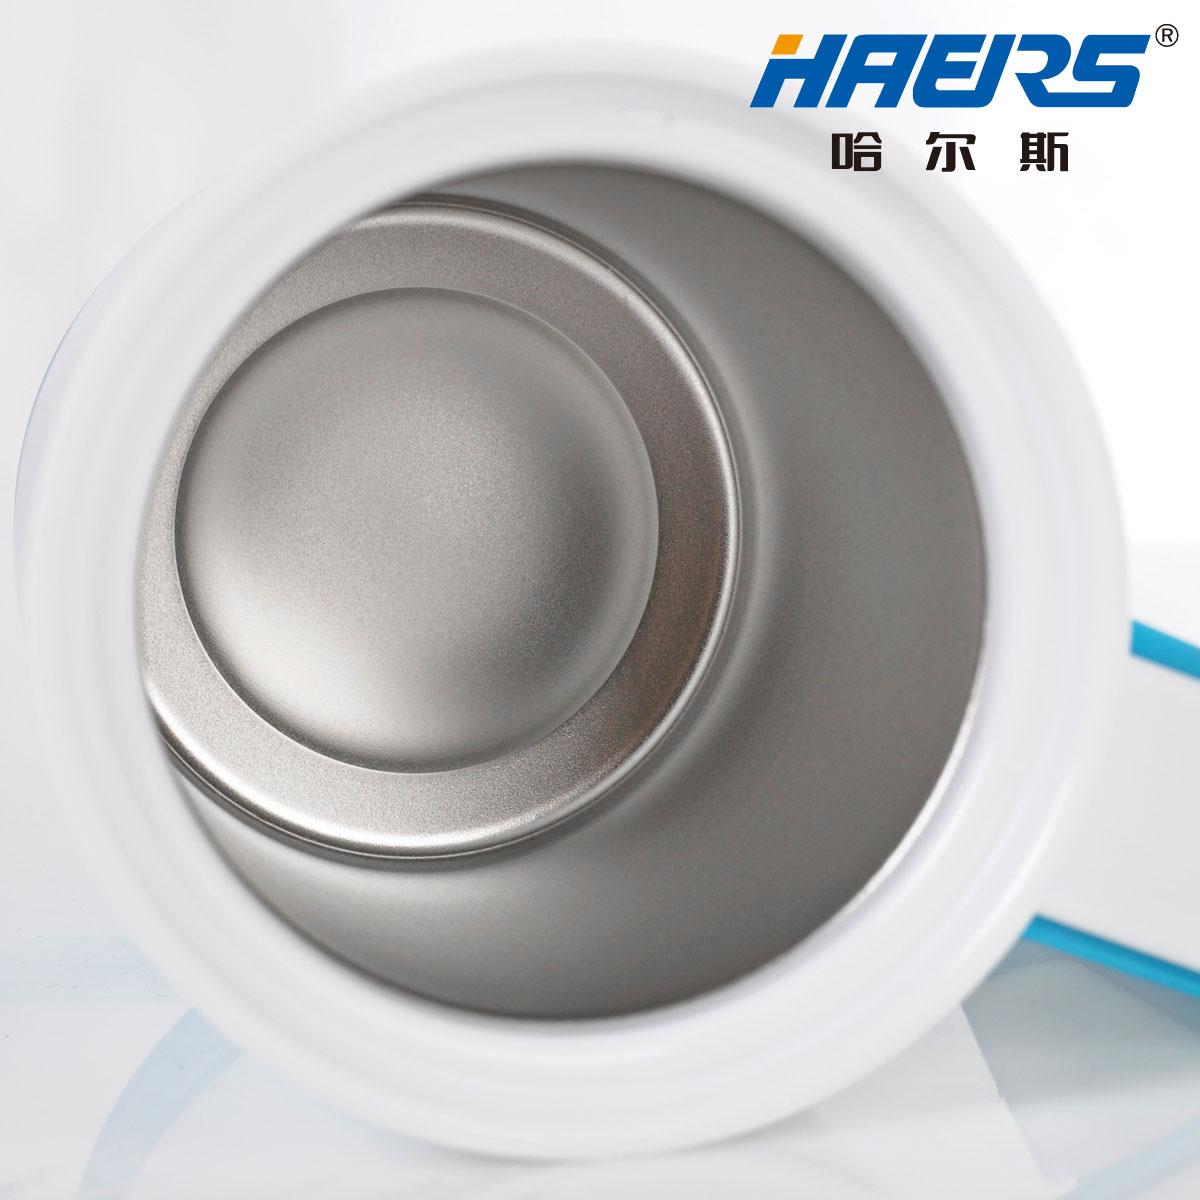 Термос/термочашка Hals DJ OL LBG-250 Из нержавеющей стали 304 Для офиса С ручкой